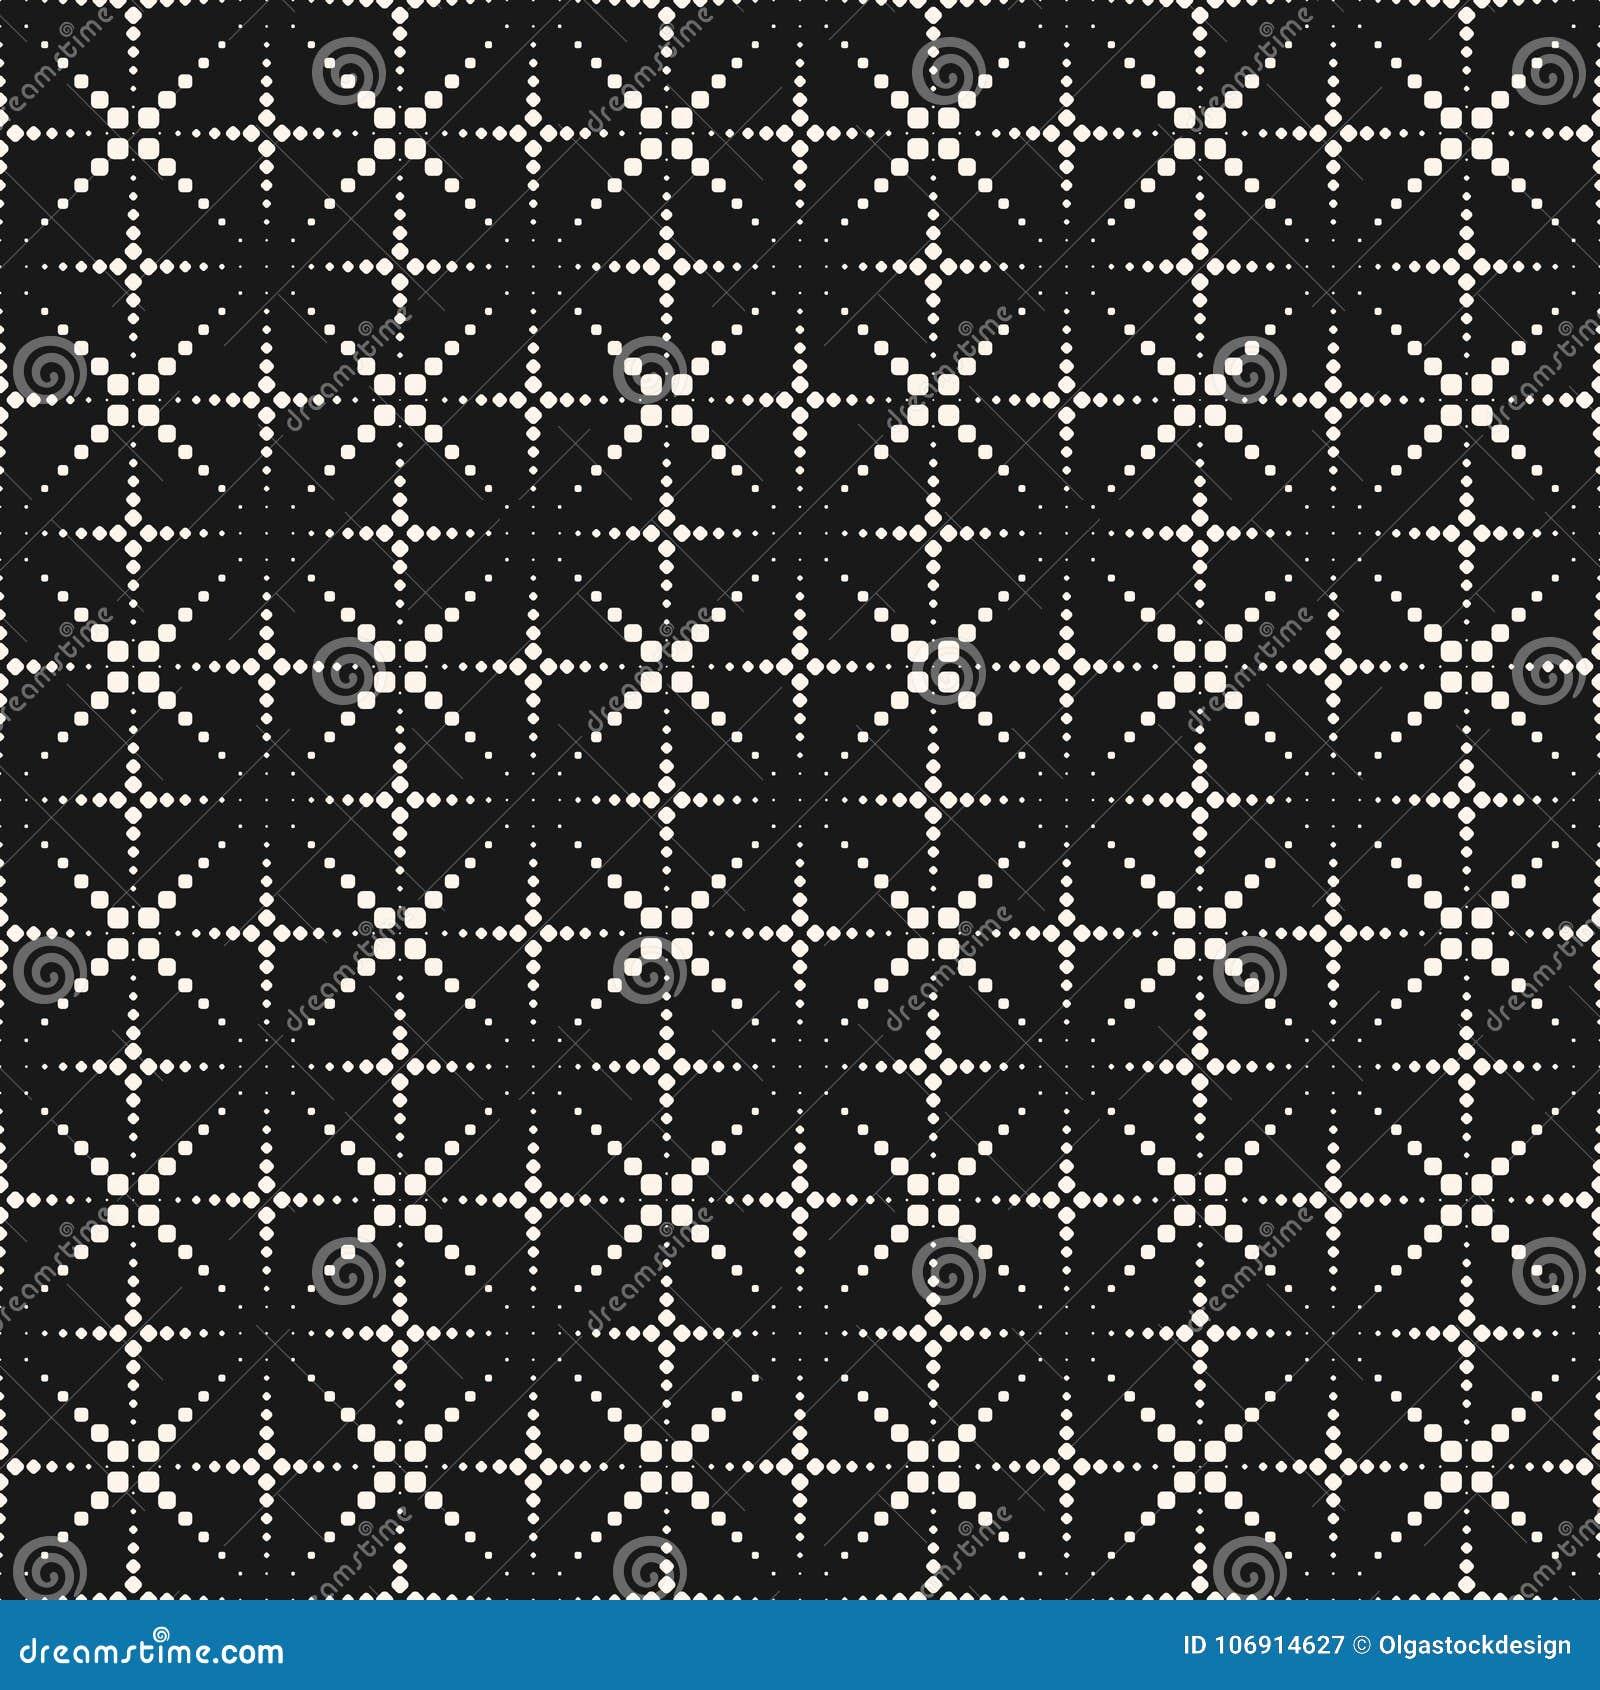 Wektorowy bezszwowy wzór z kropkowanymi krzyżami, błyski,